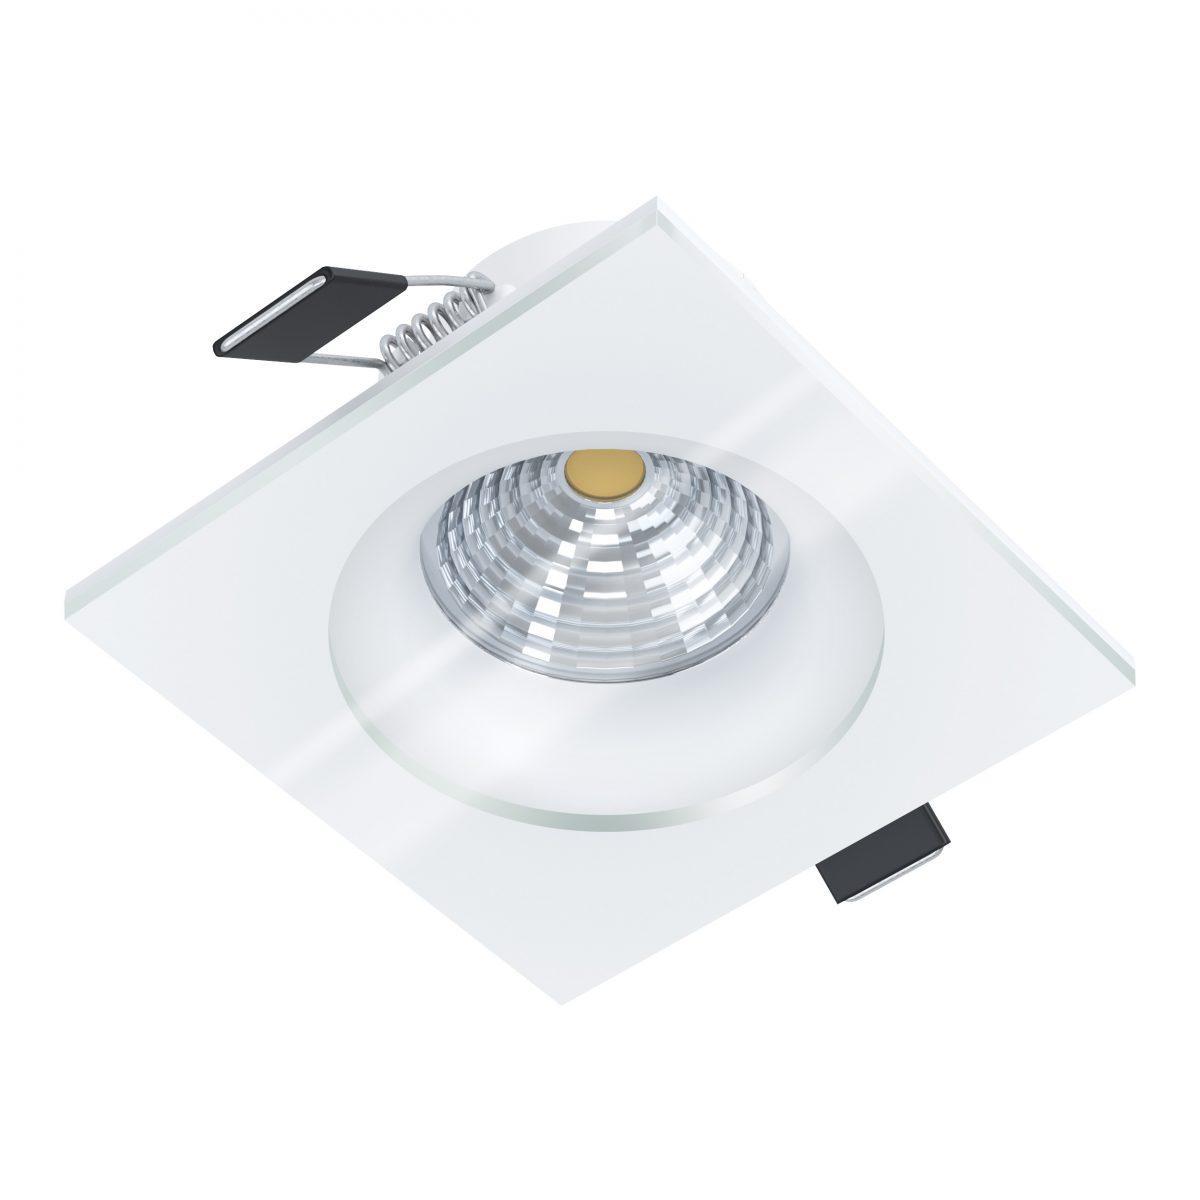 Светильник врезной SALABATE EGLO 98239